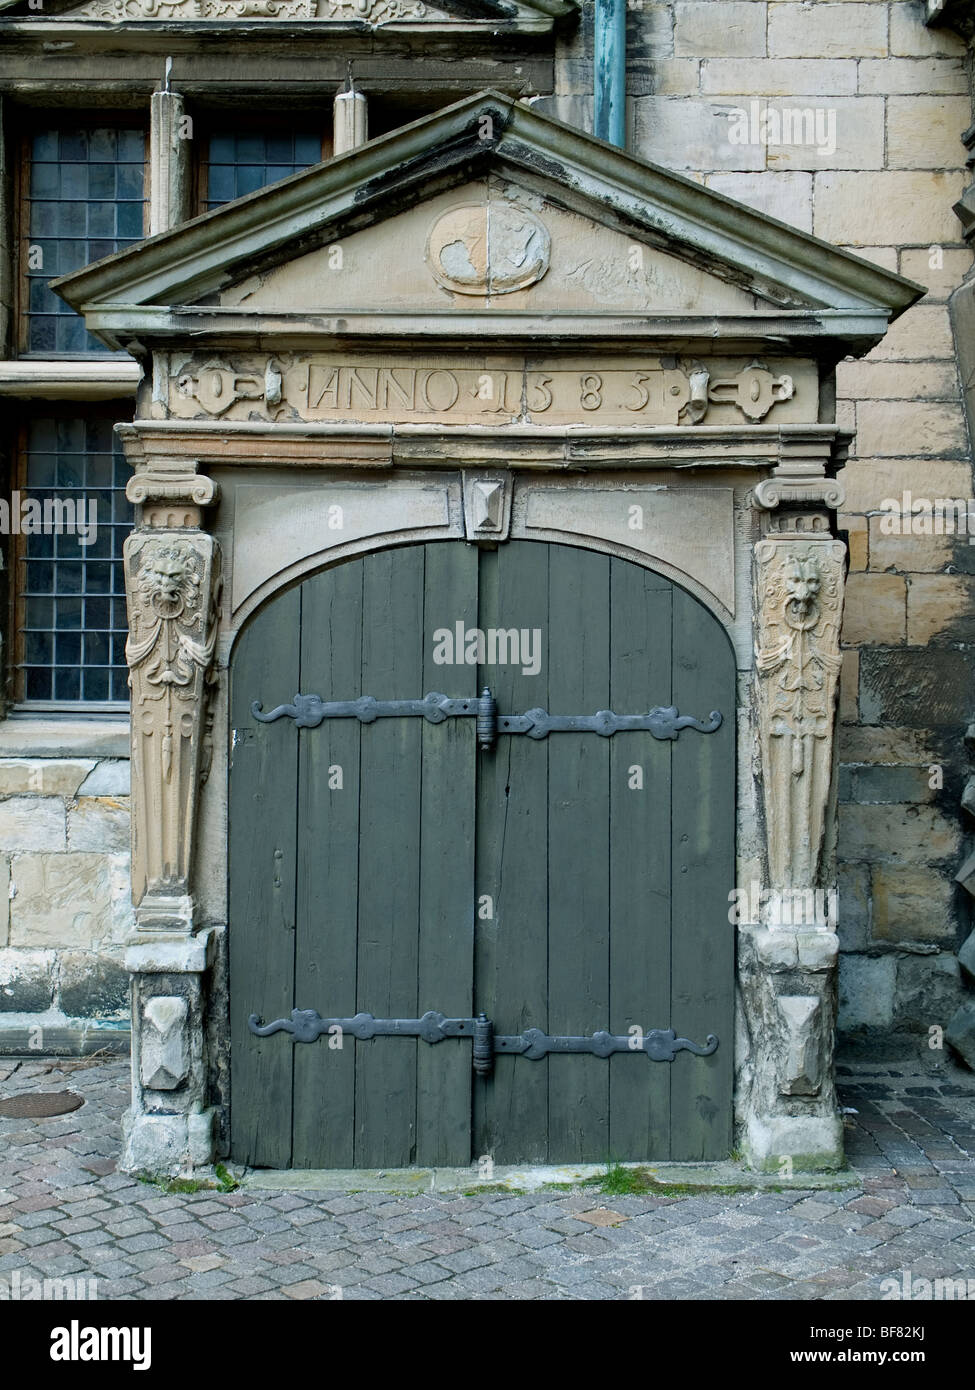 Cellar door in the castle courtyard of Kronborg Castle Elsinore Denmark. & Cellar door in the castle courtyard of Kronborg Castle Elsinore ...